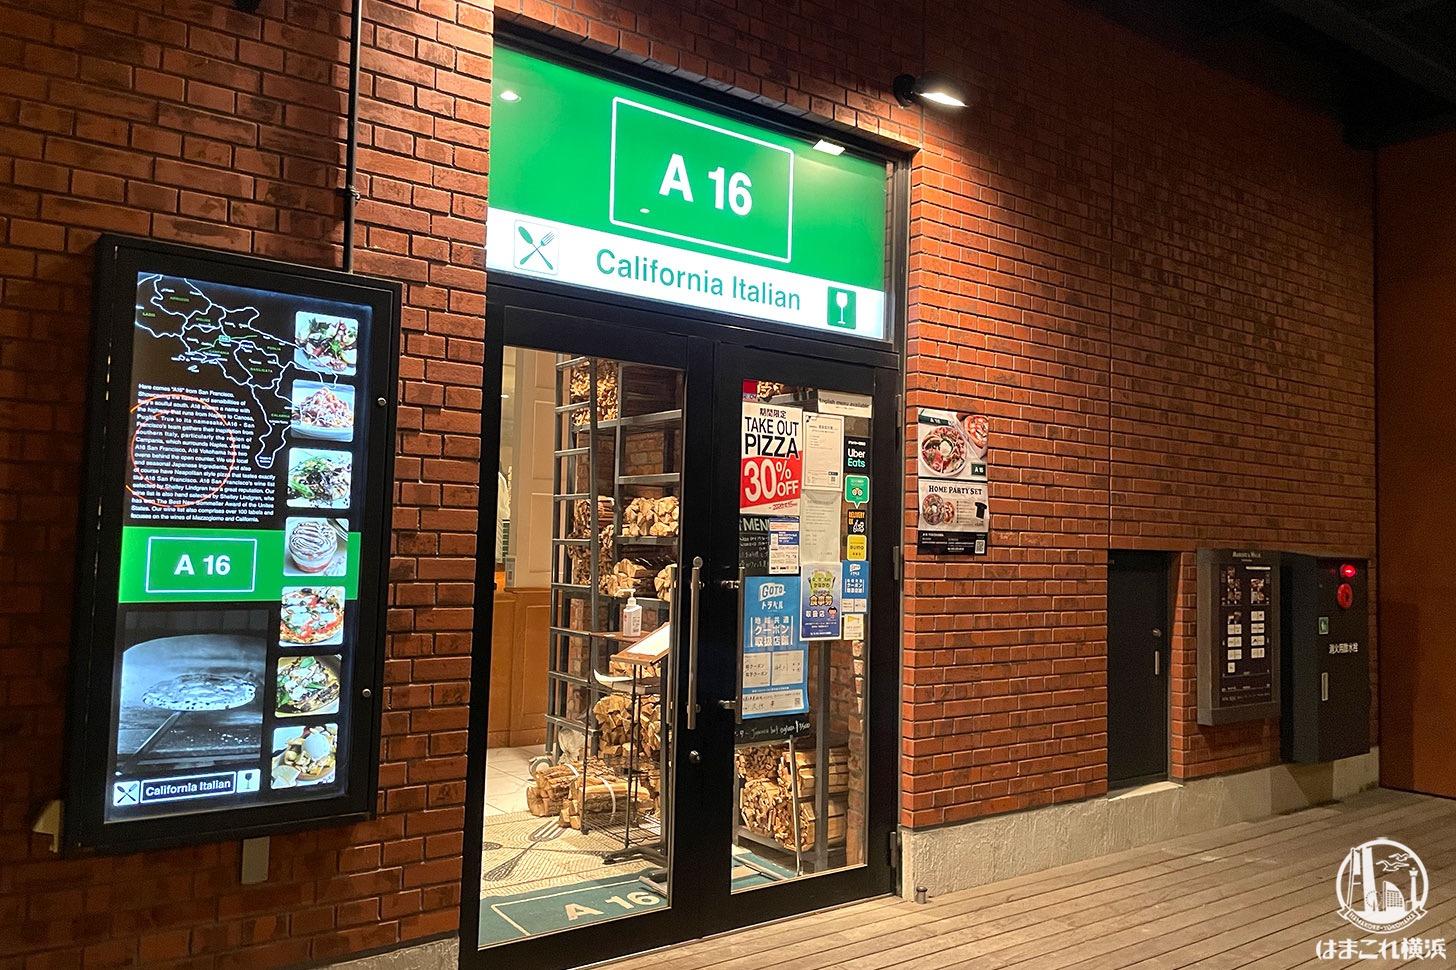 A16(エーシックスティーン)横浜 外観・入口